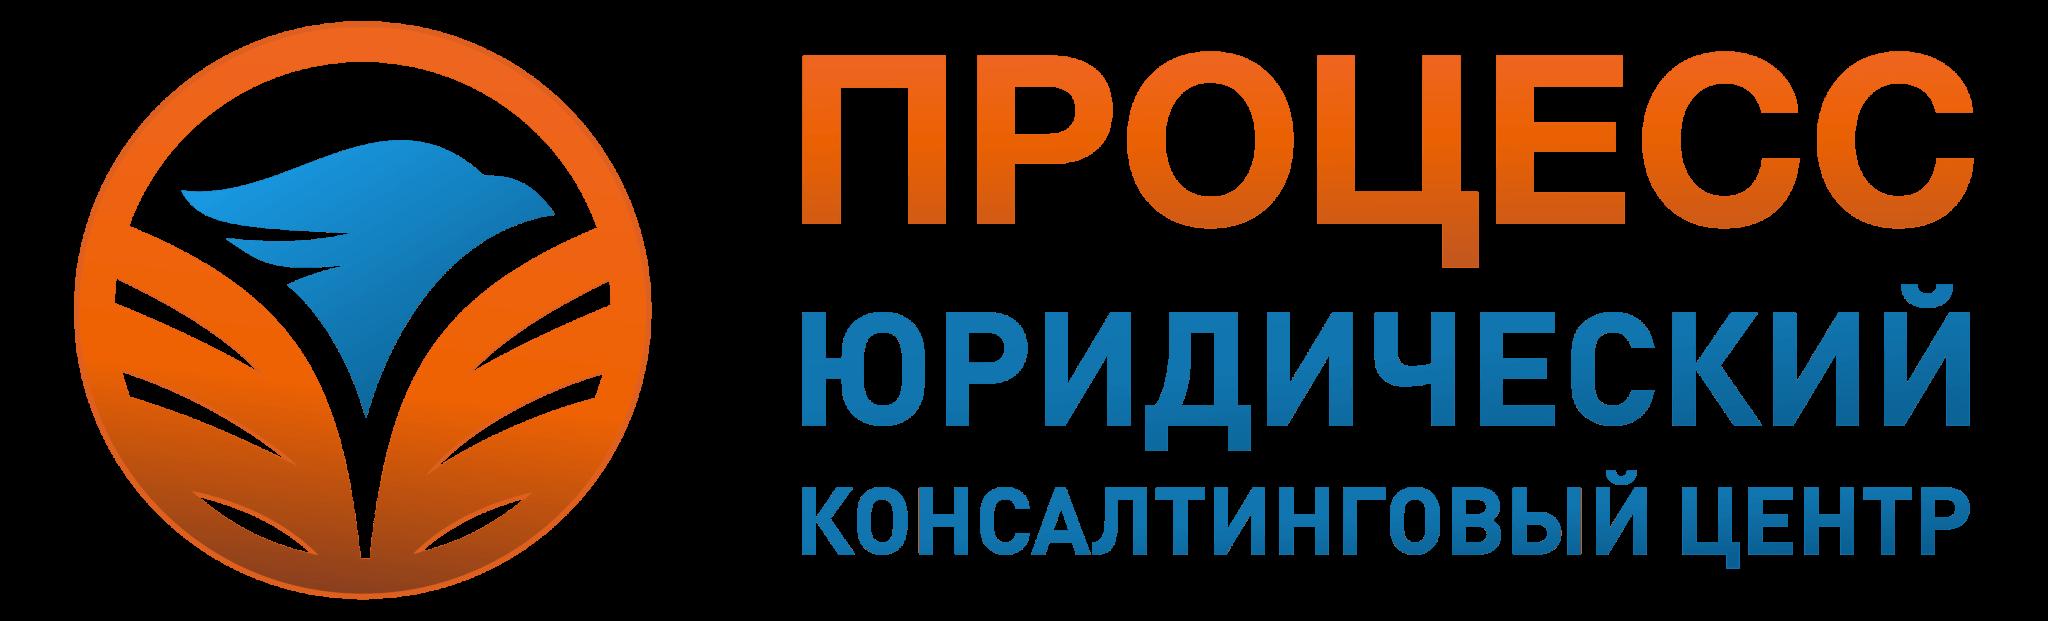 """Юридический консалтинговый центр """"Процесс"""""""